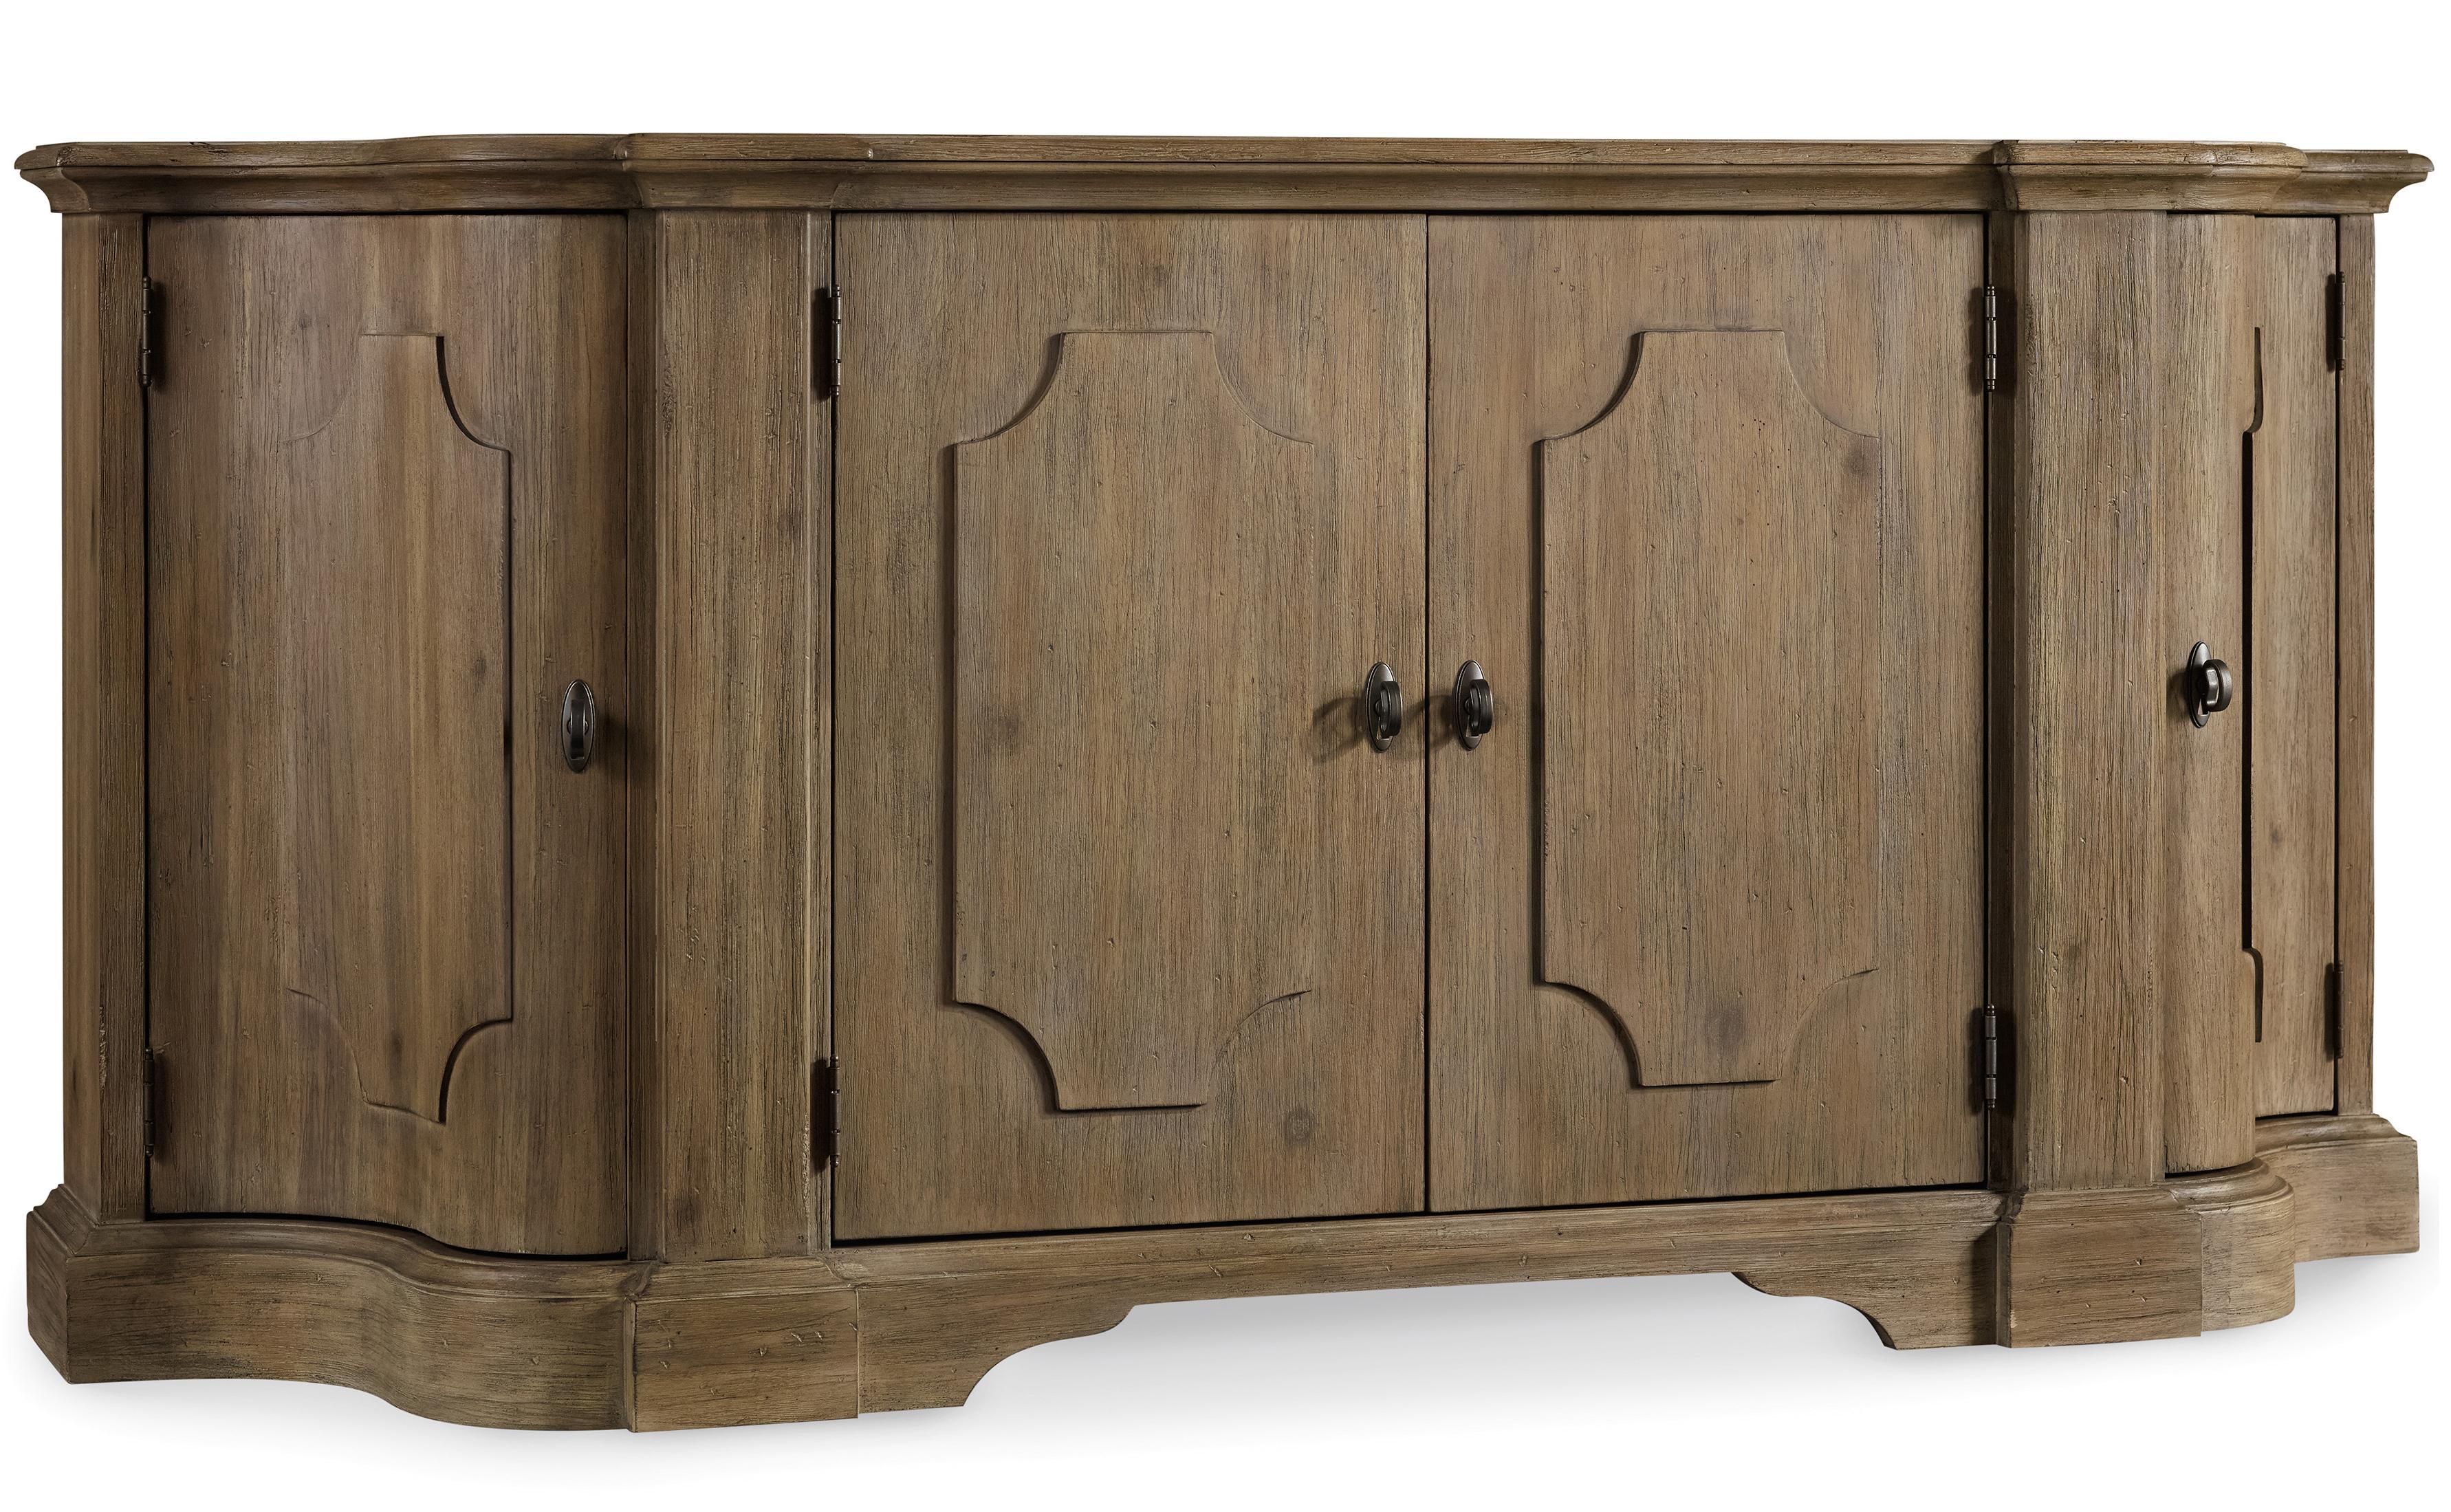 Hooker Furniture Corsica Credenza - Item Number: 5180-75900